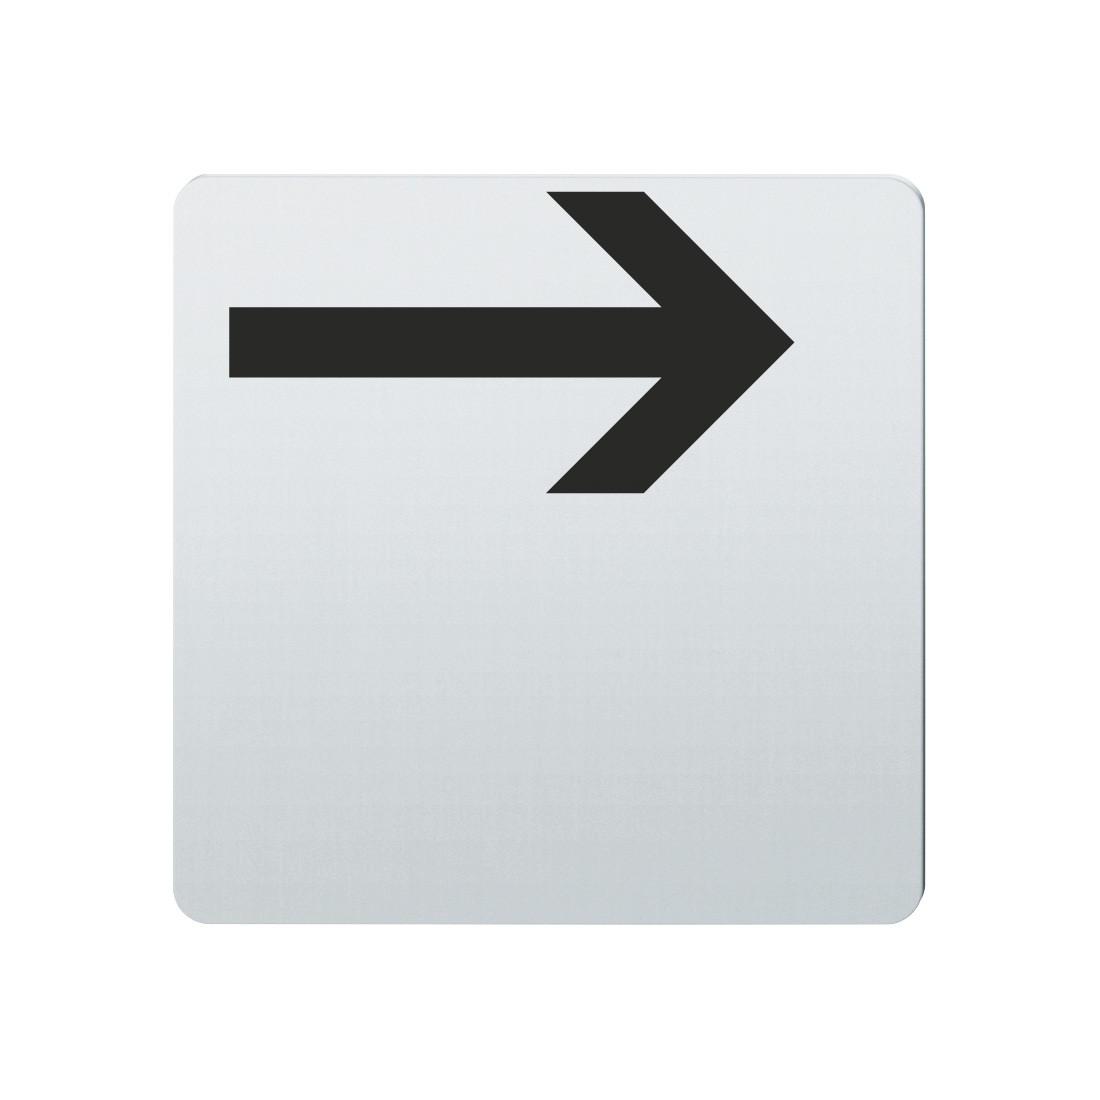 FSB Hinweiszeichen Pfeil nach rechts Lasergraviert Edelstahl fein matt (0 36 4059 00004 6204)